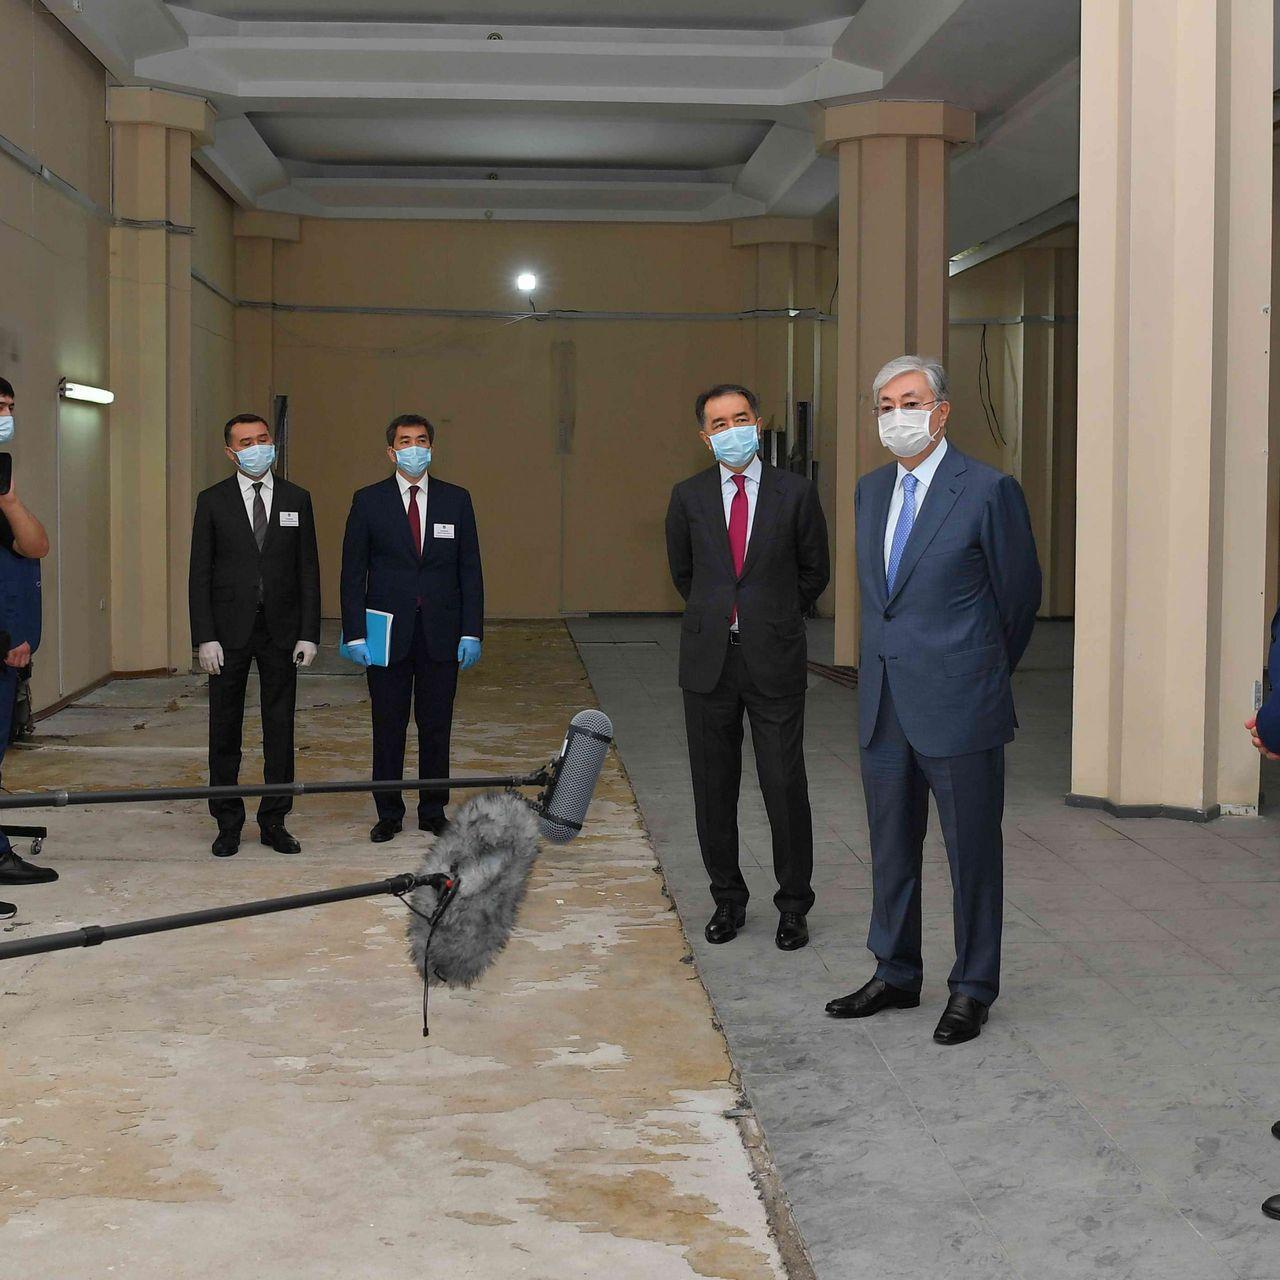 Қазақстан Президенті Әлеуметтік қызмет көрсету үйіне барды